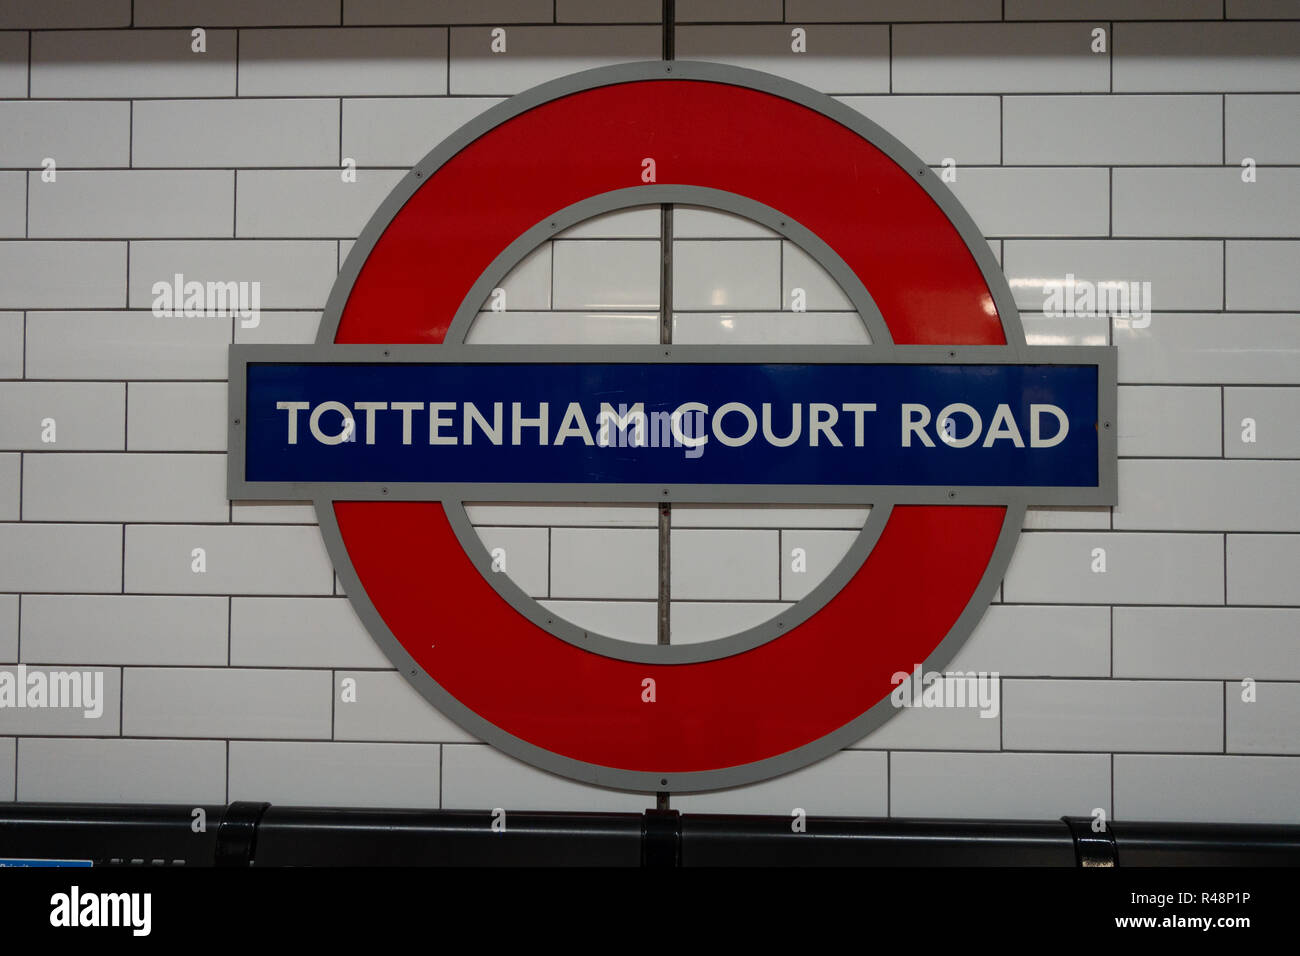 Tottenham Court Road London Iconic Underground Tube Logo sign - Stock Image